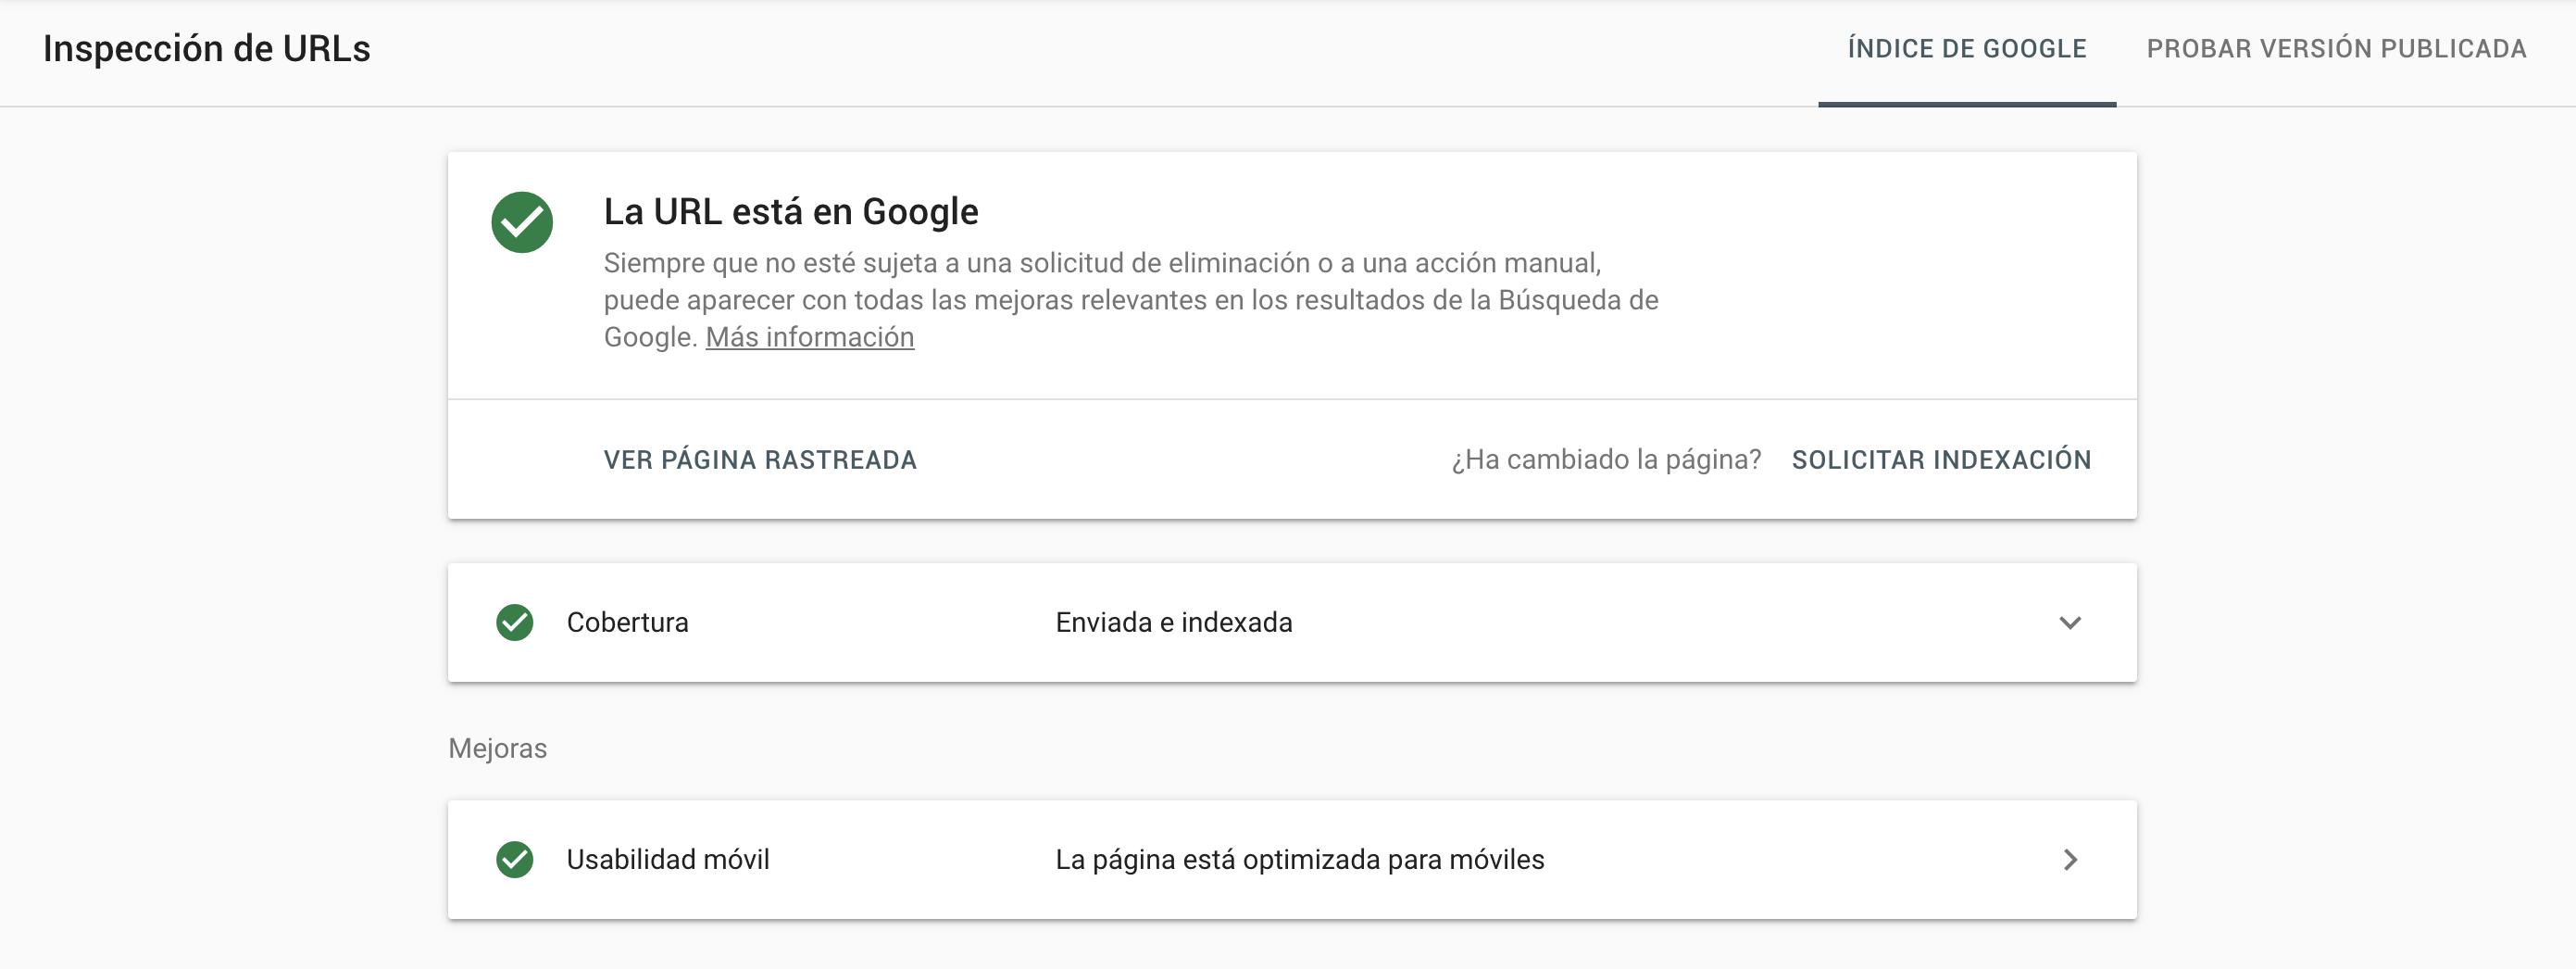 Inspección de URLs - Nueva Google Search Console